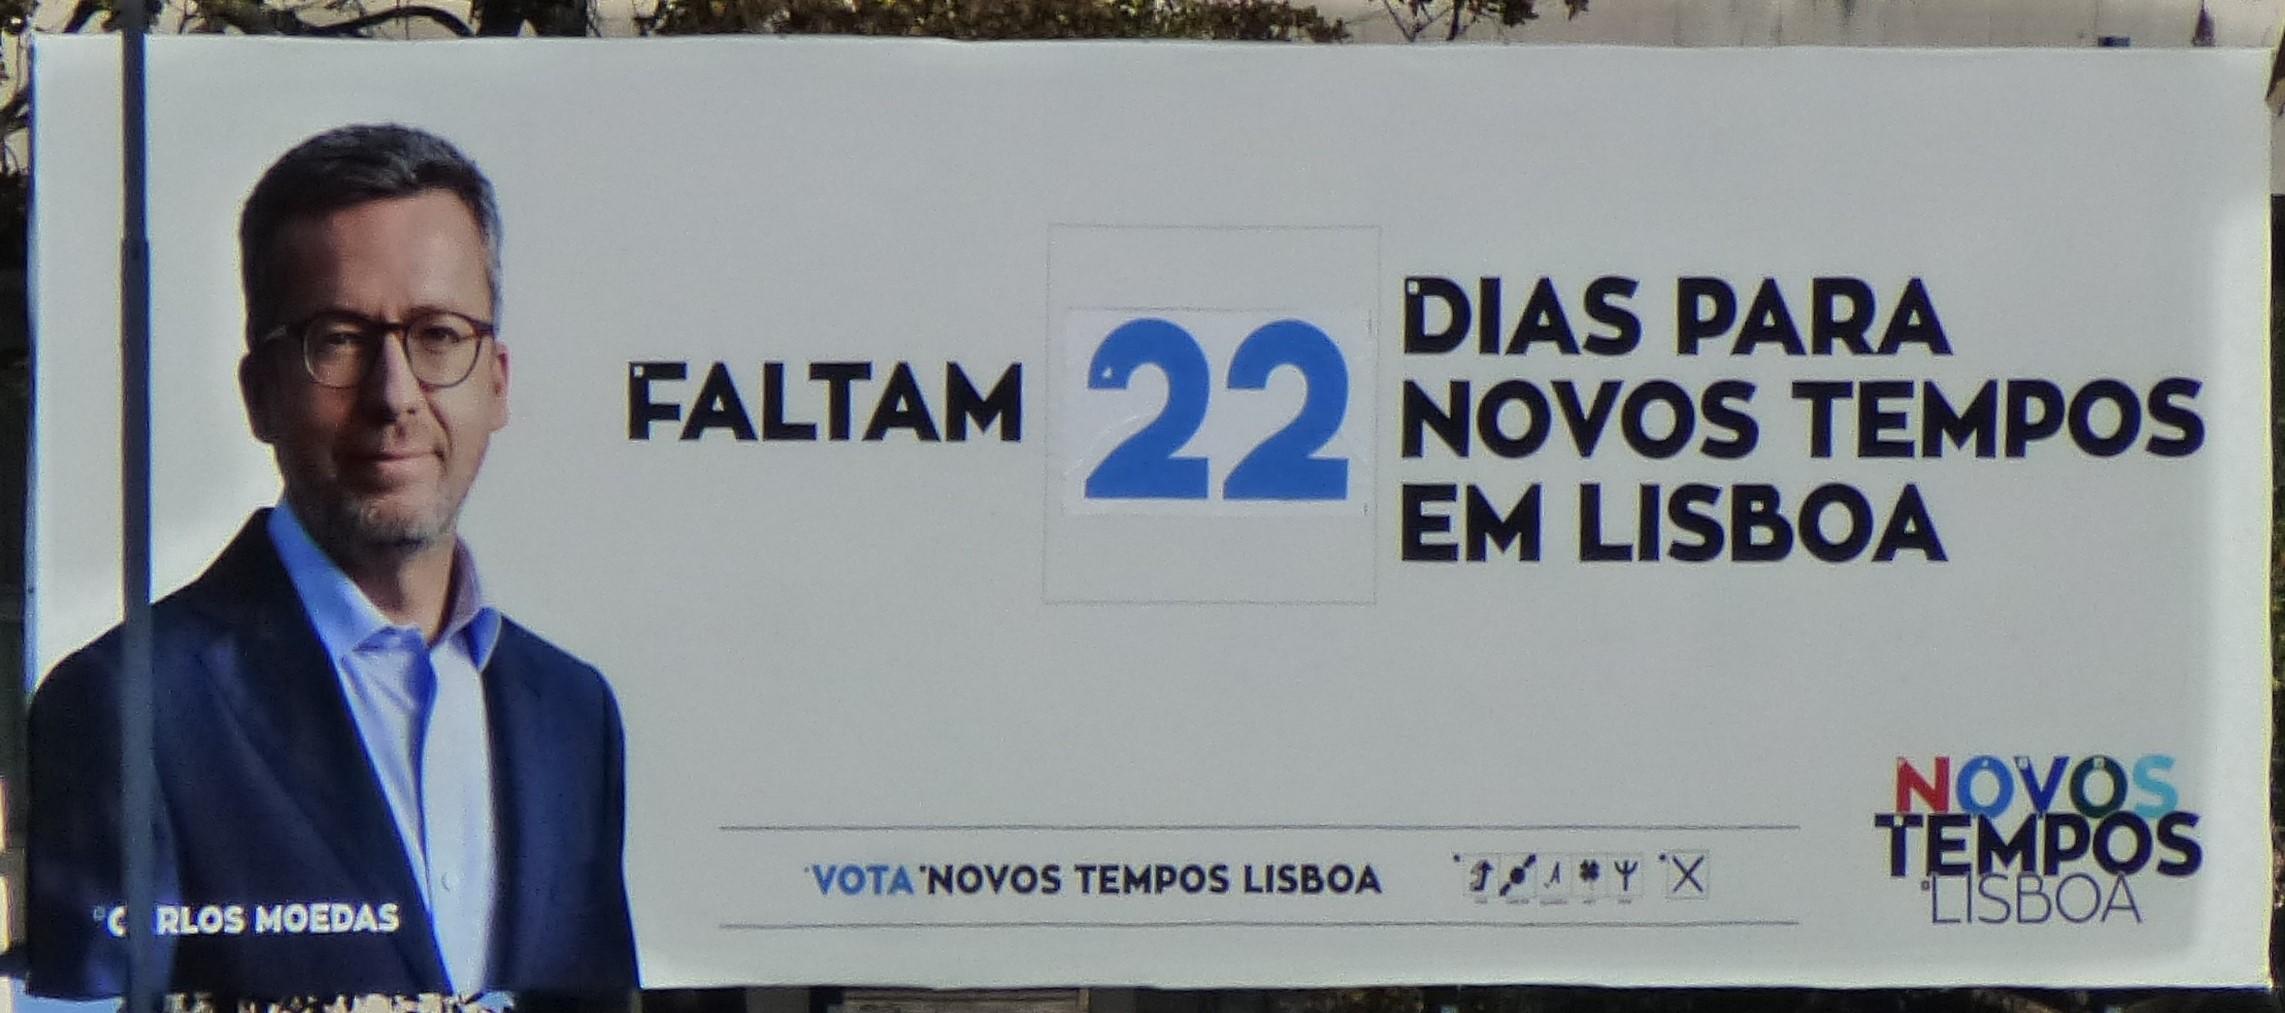 PSD_2021_Lisboa_22